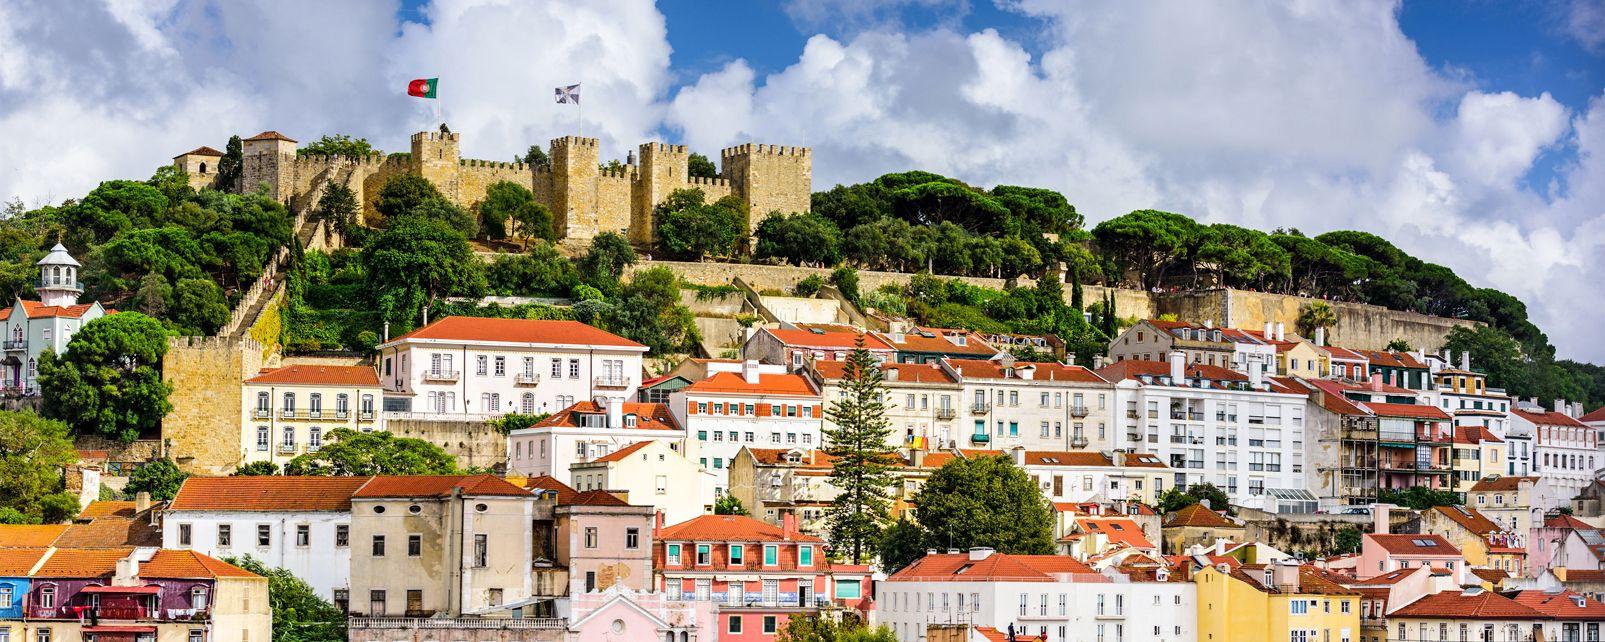 le ch teau saint georges lisbonne le nord et le centre du portugal portugal. Black Bedroom Furniture Sets. Home Design Ideas